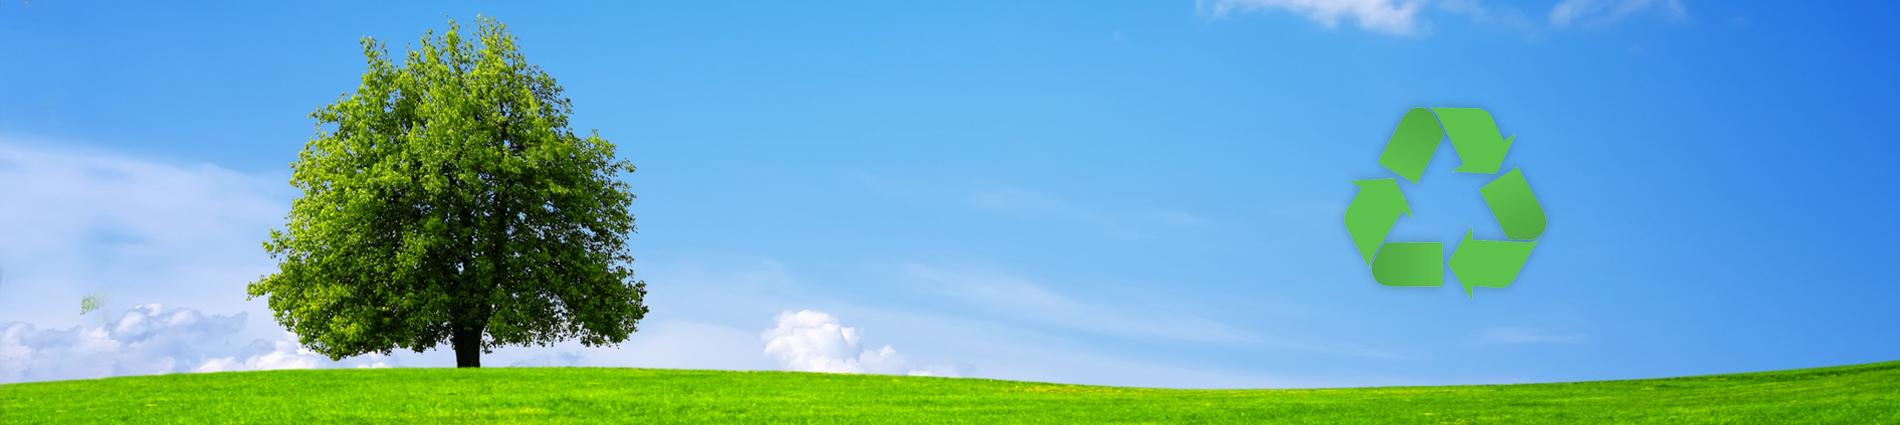 Consulenza Ambientale per Aziende ed Enti Locali | Smaltimento Rifiuti Speciali